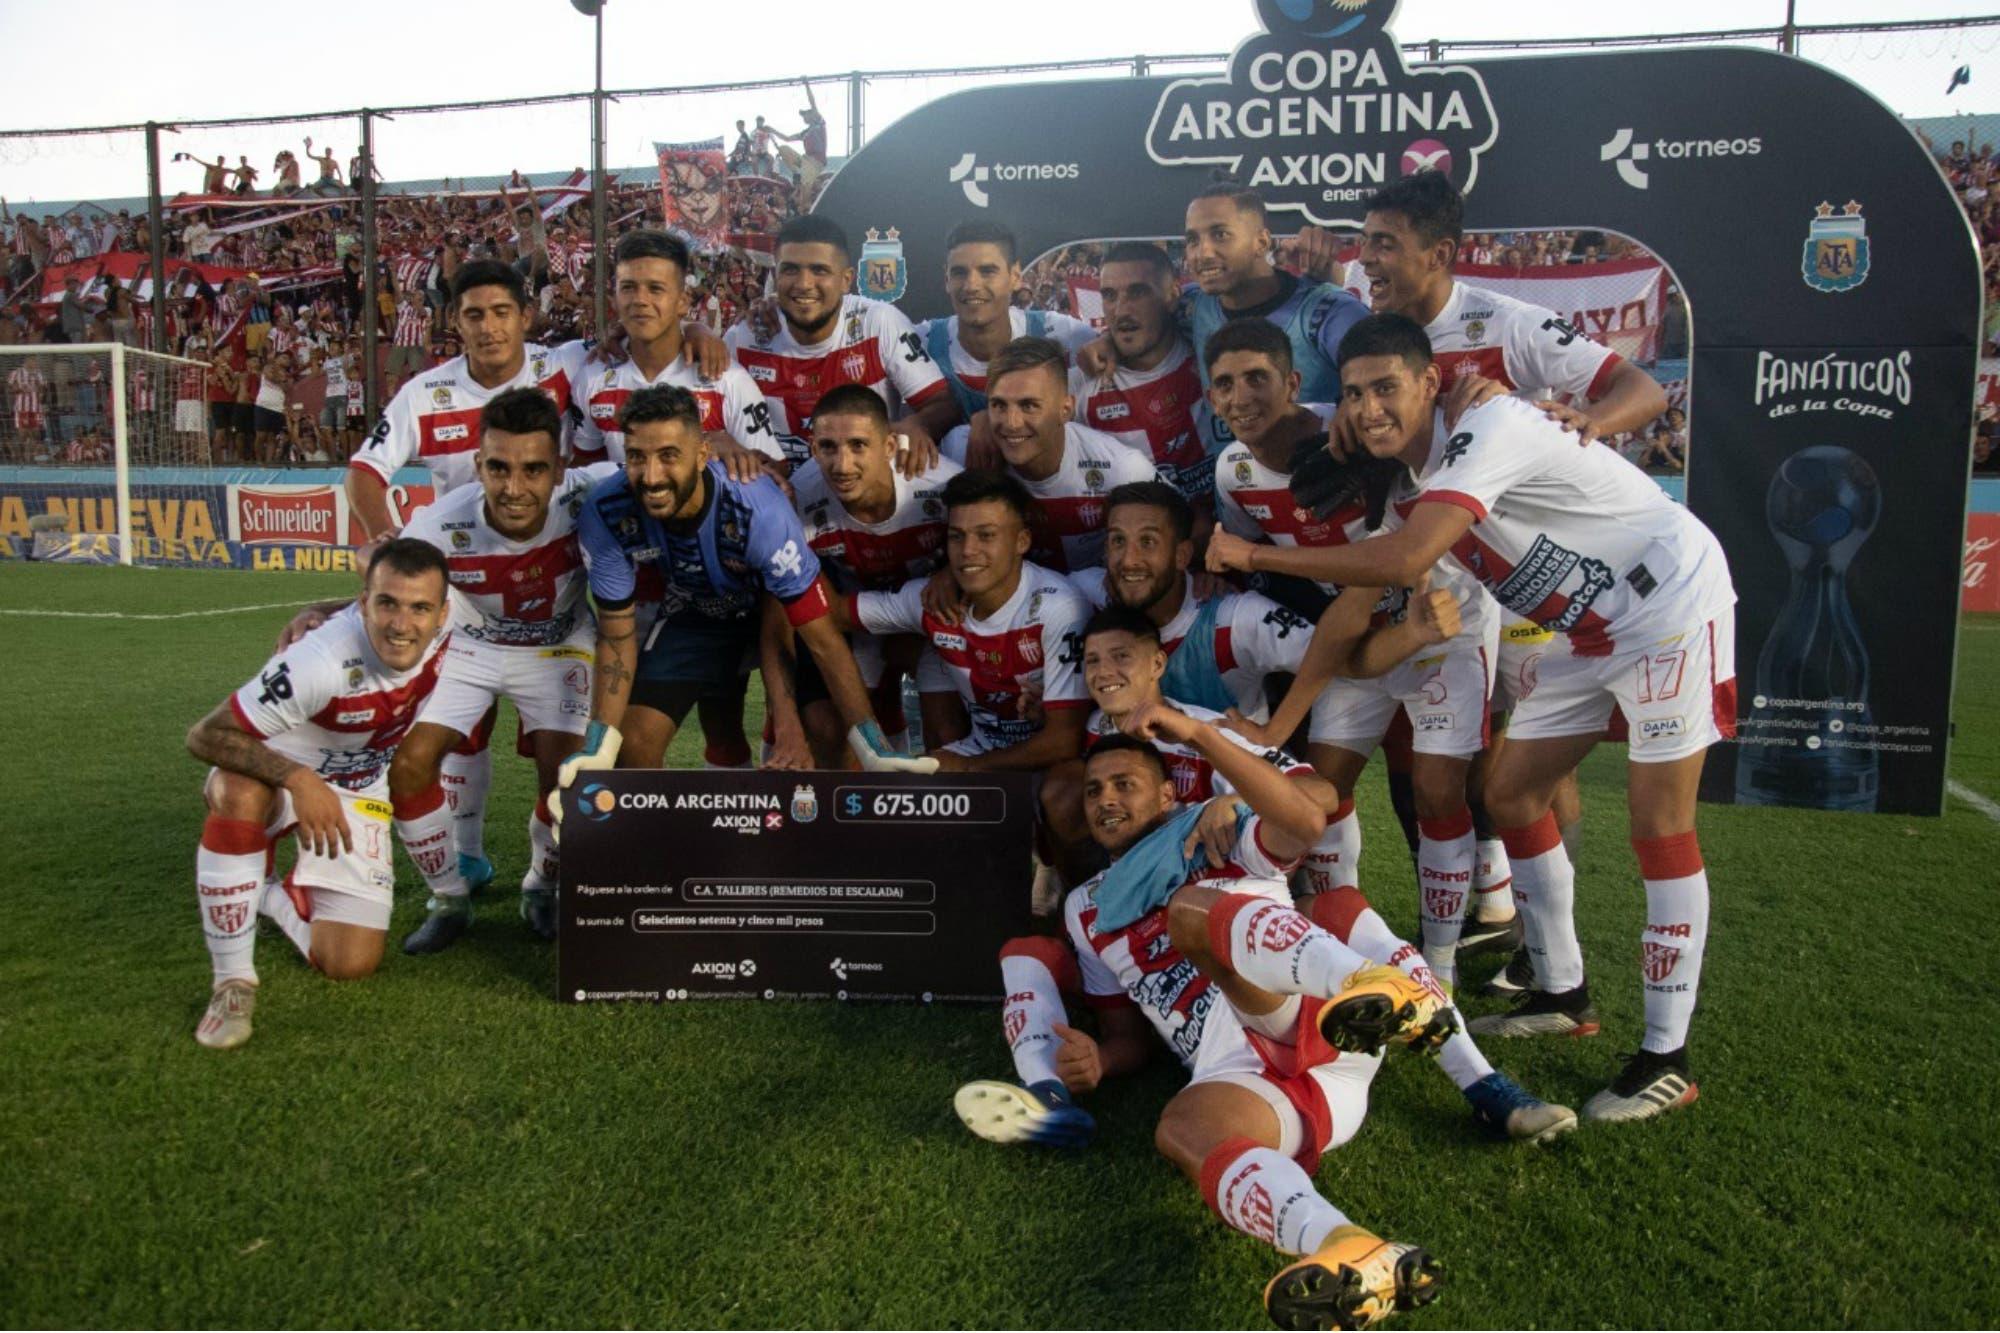 Primer impacto en la Copa Argentina: Aldosivi fue eliminado por un rival que está dos categorías más abajo